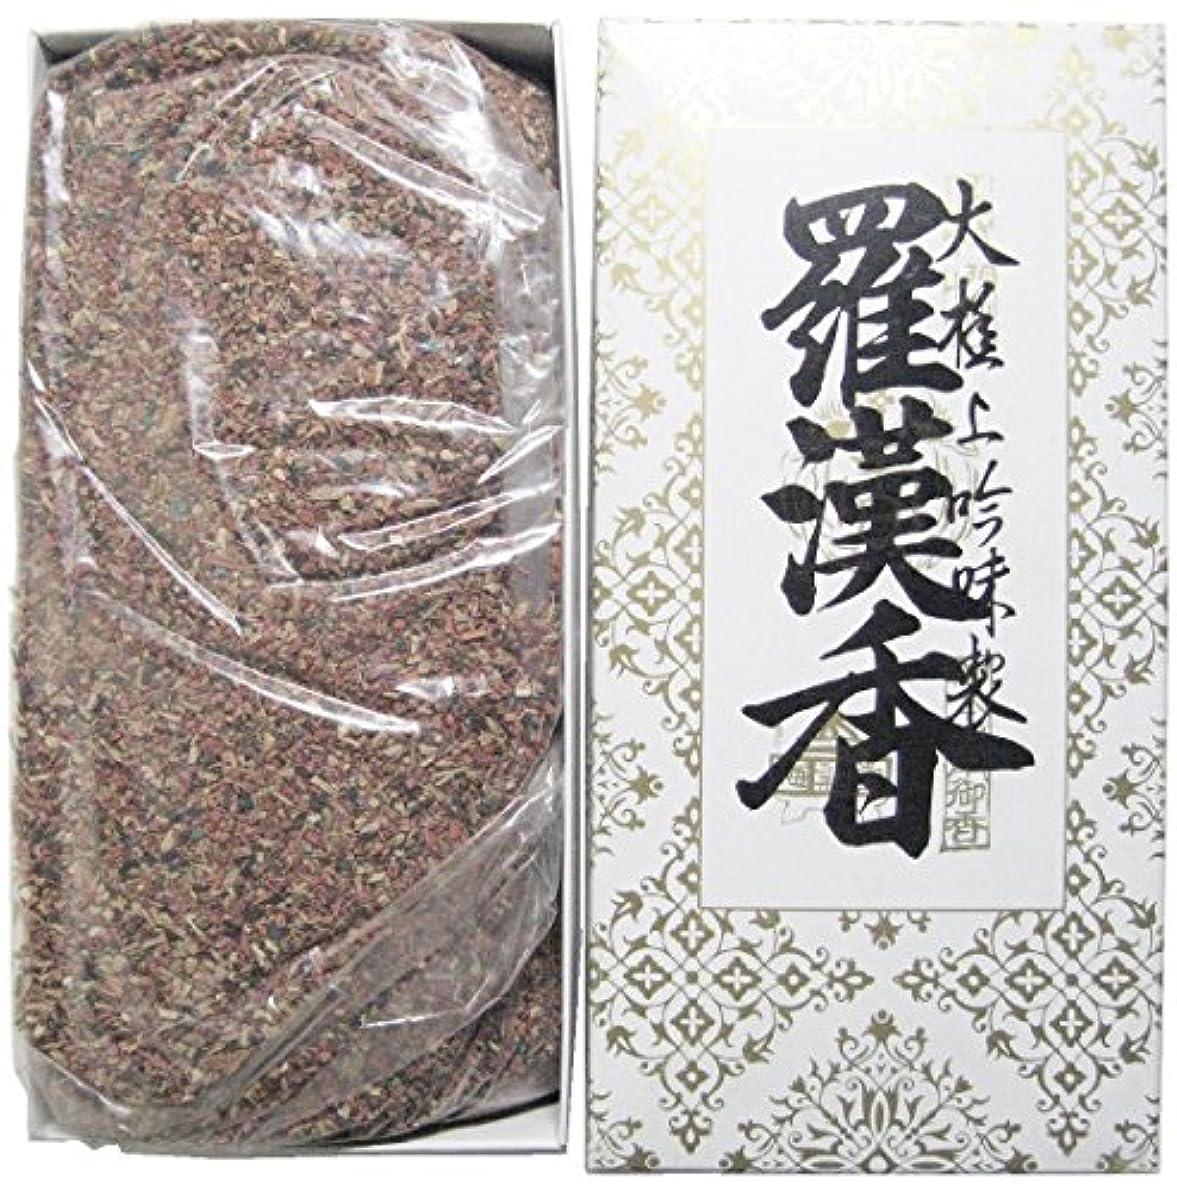 アプライアンス介入する酸っぱい淡路梅薫堂のお香 羅漢香 500g #905